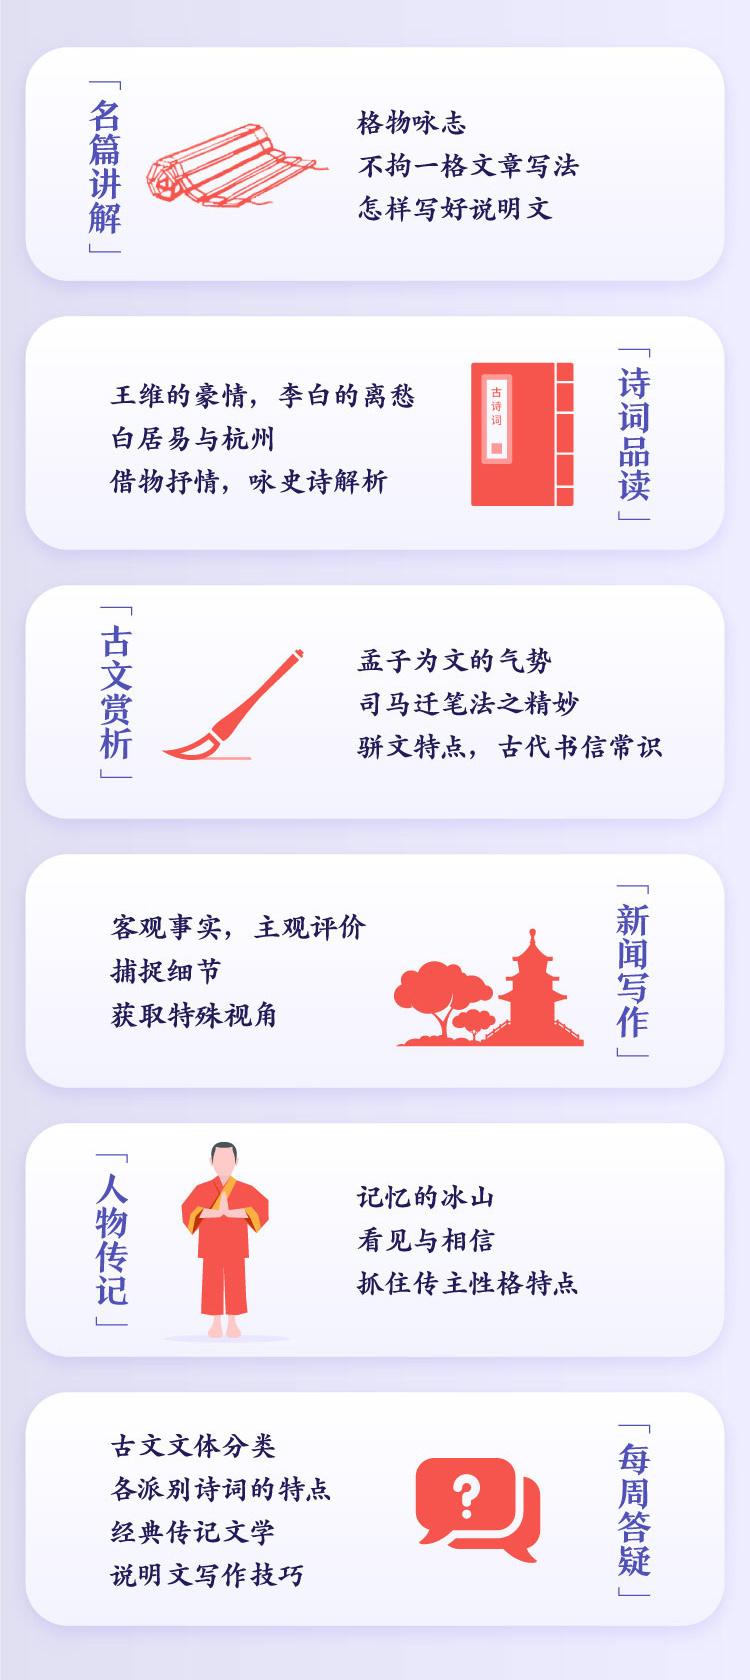 名师郦波:语文启蒙课八年级(上)